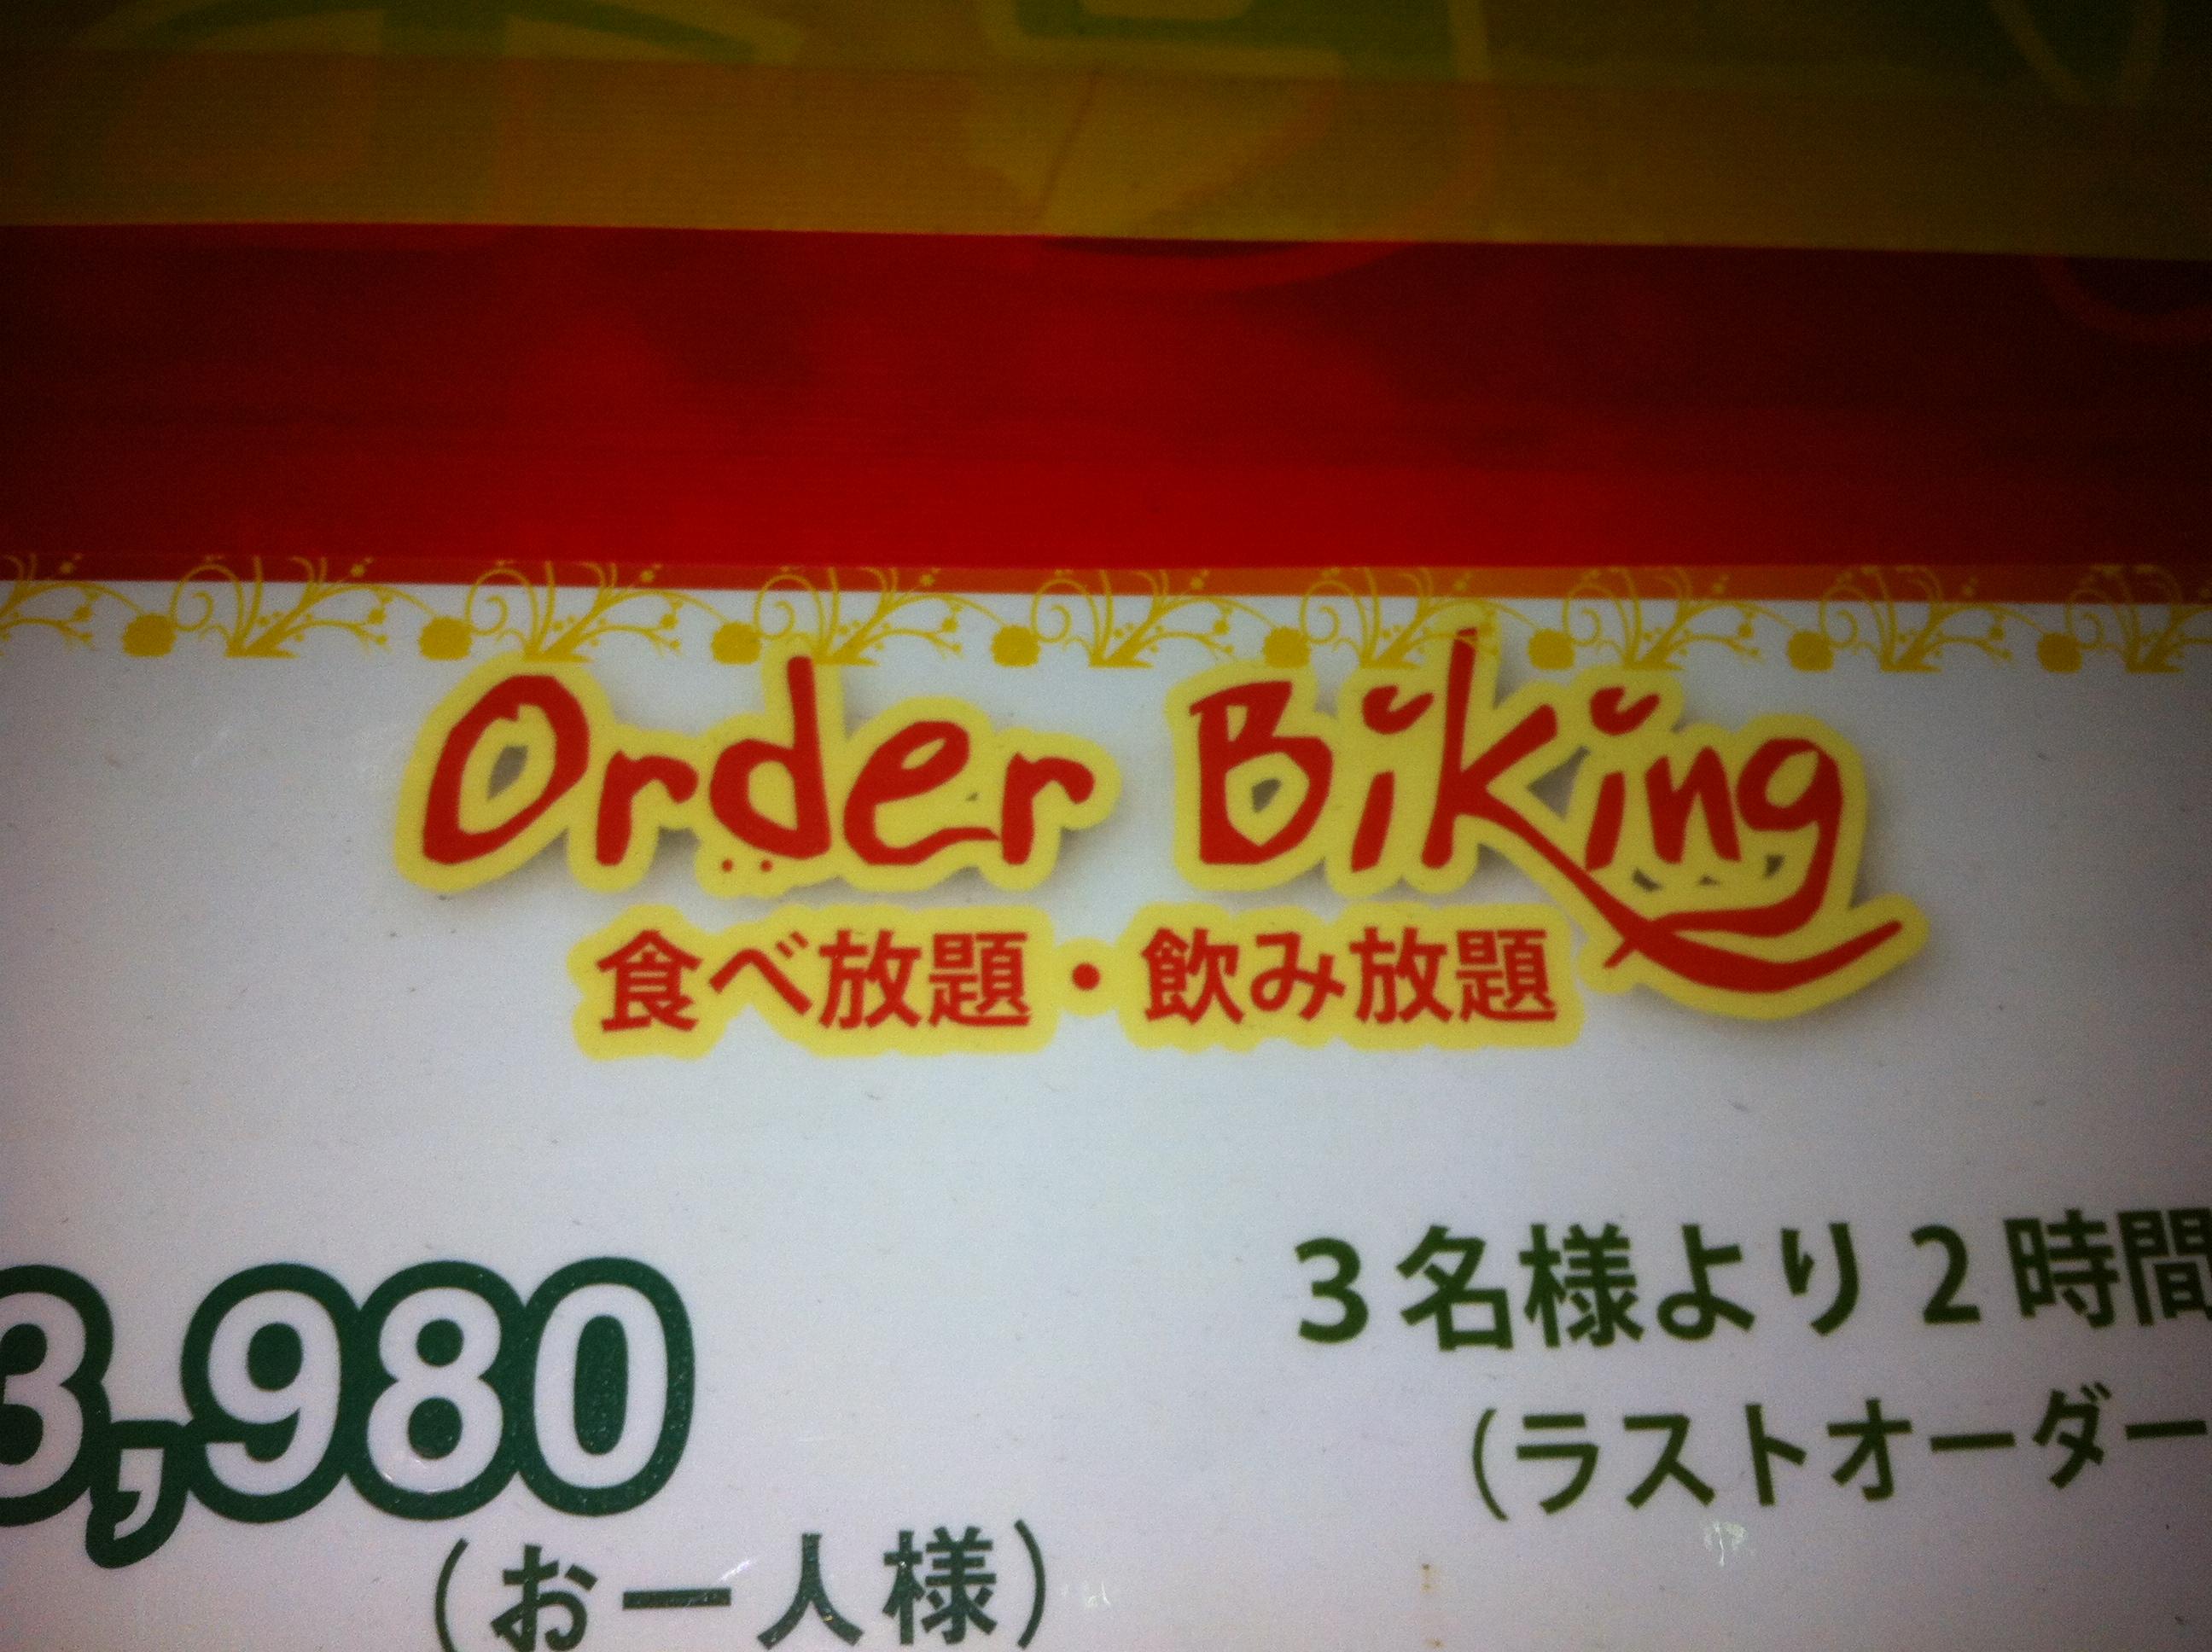 Order biking